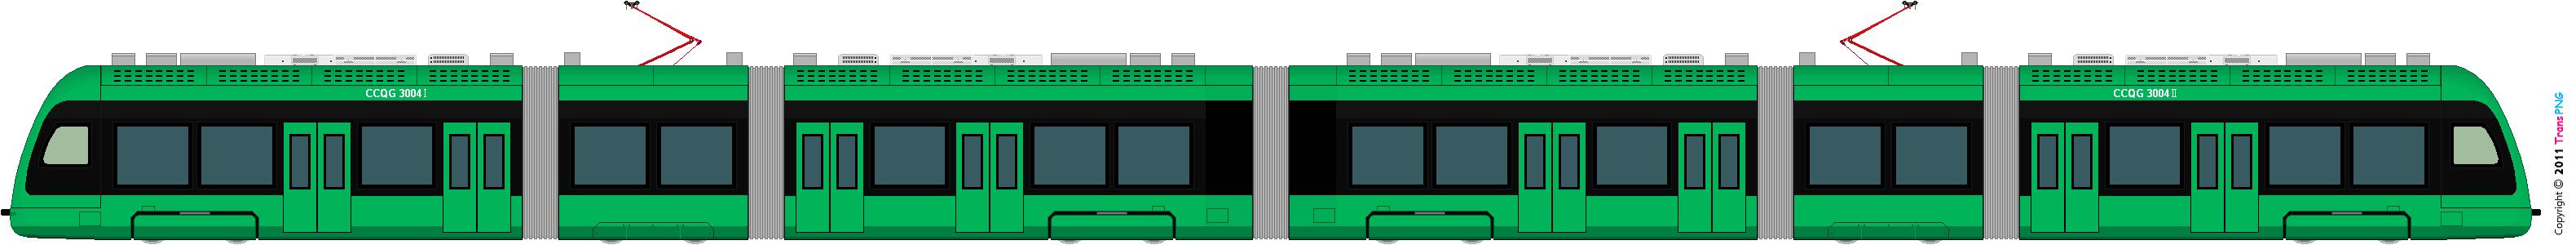 [5322] 長春市軌道交通 5322